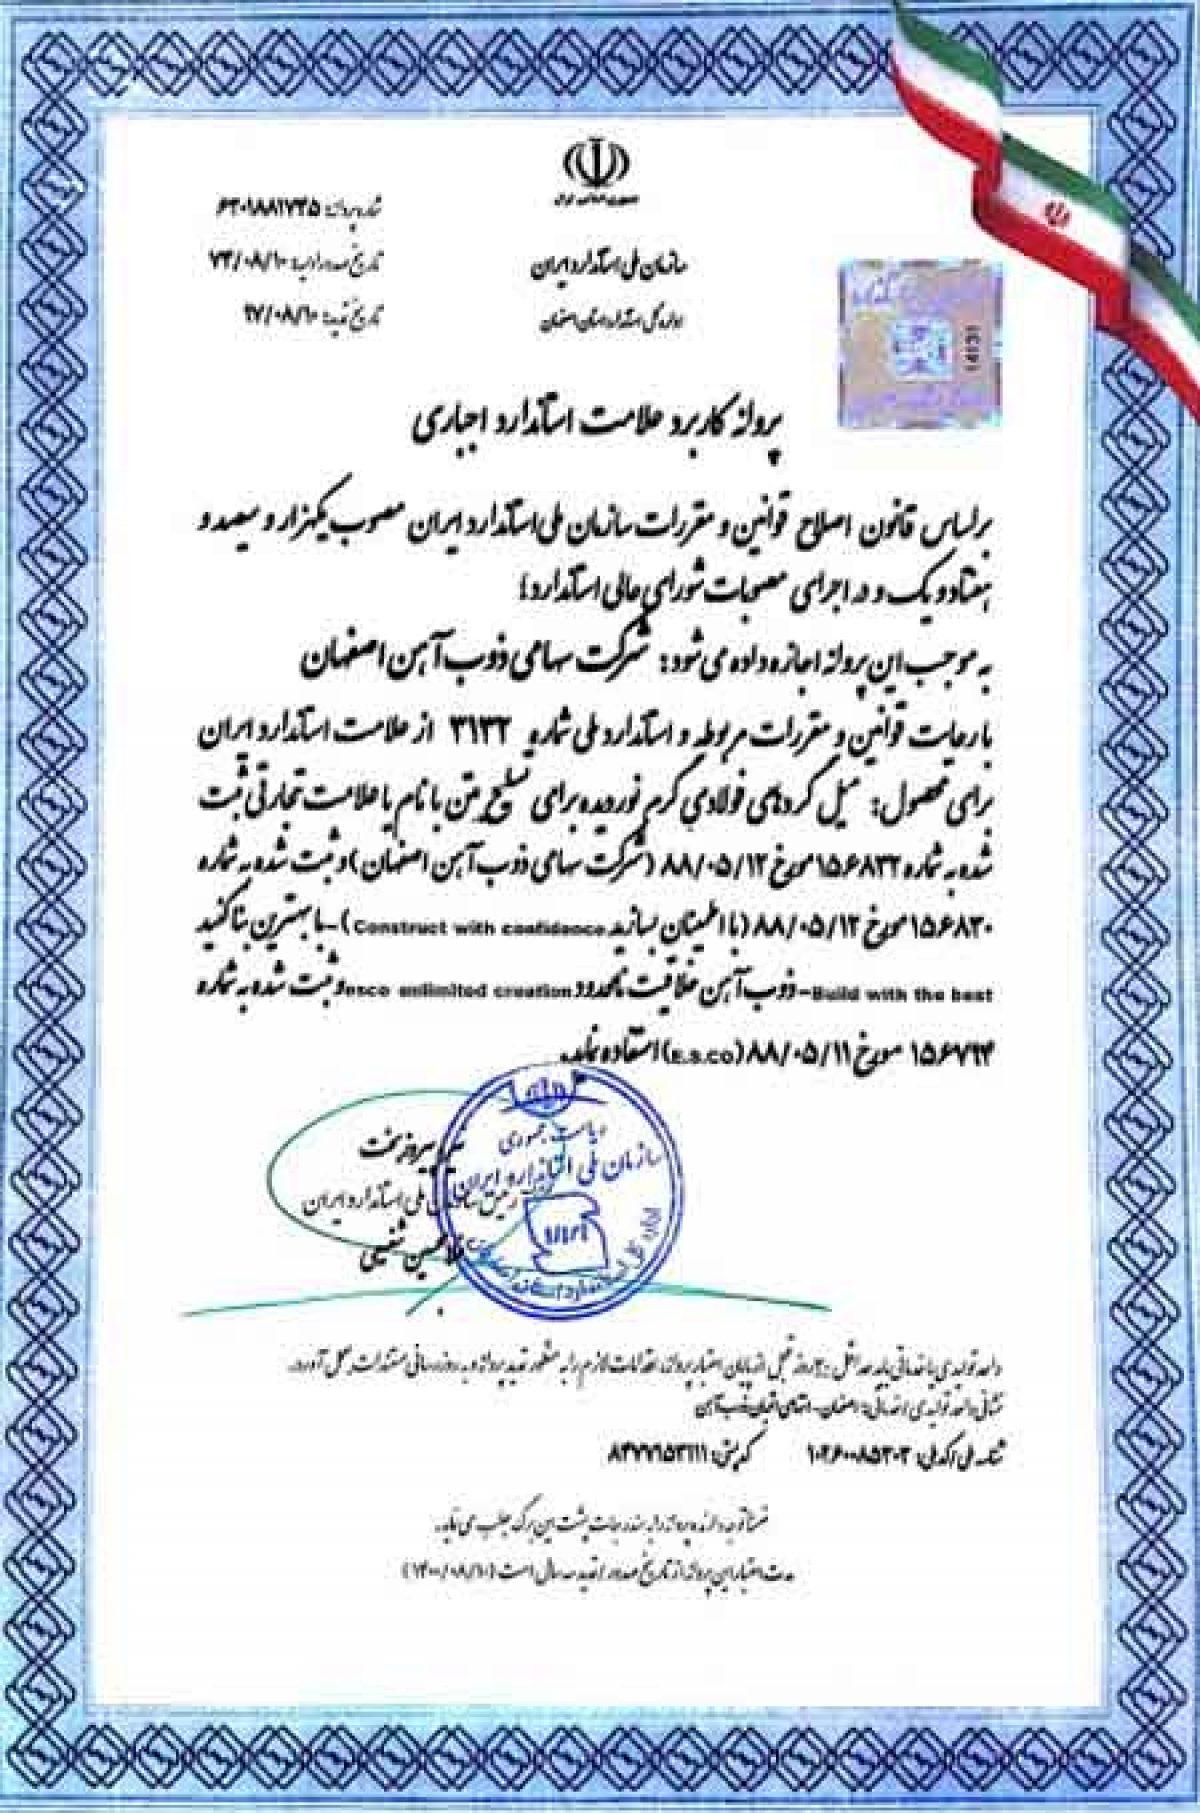 کارخانه ذوب آهن اصفهان